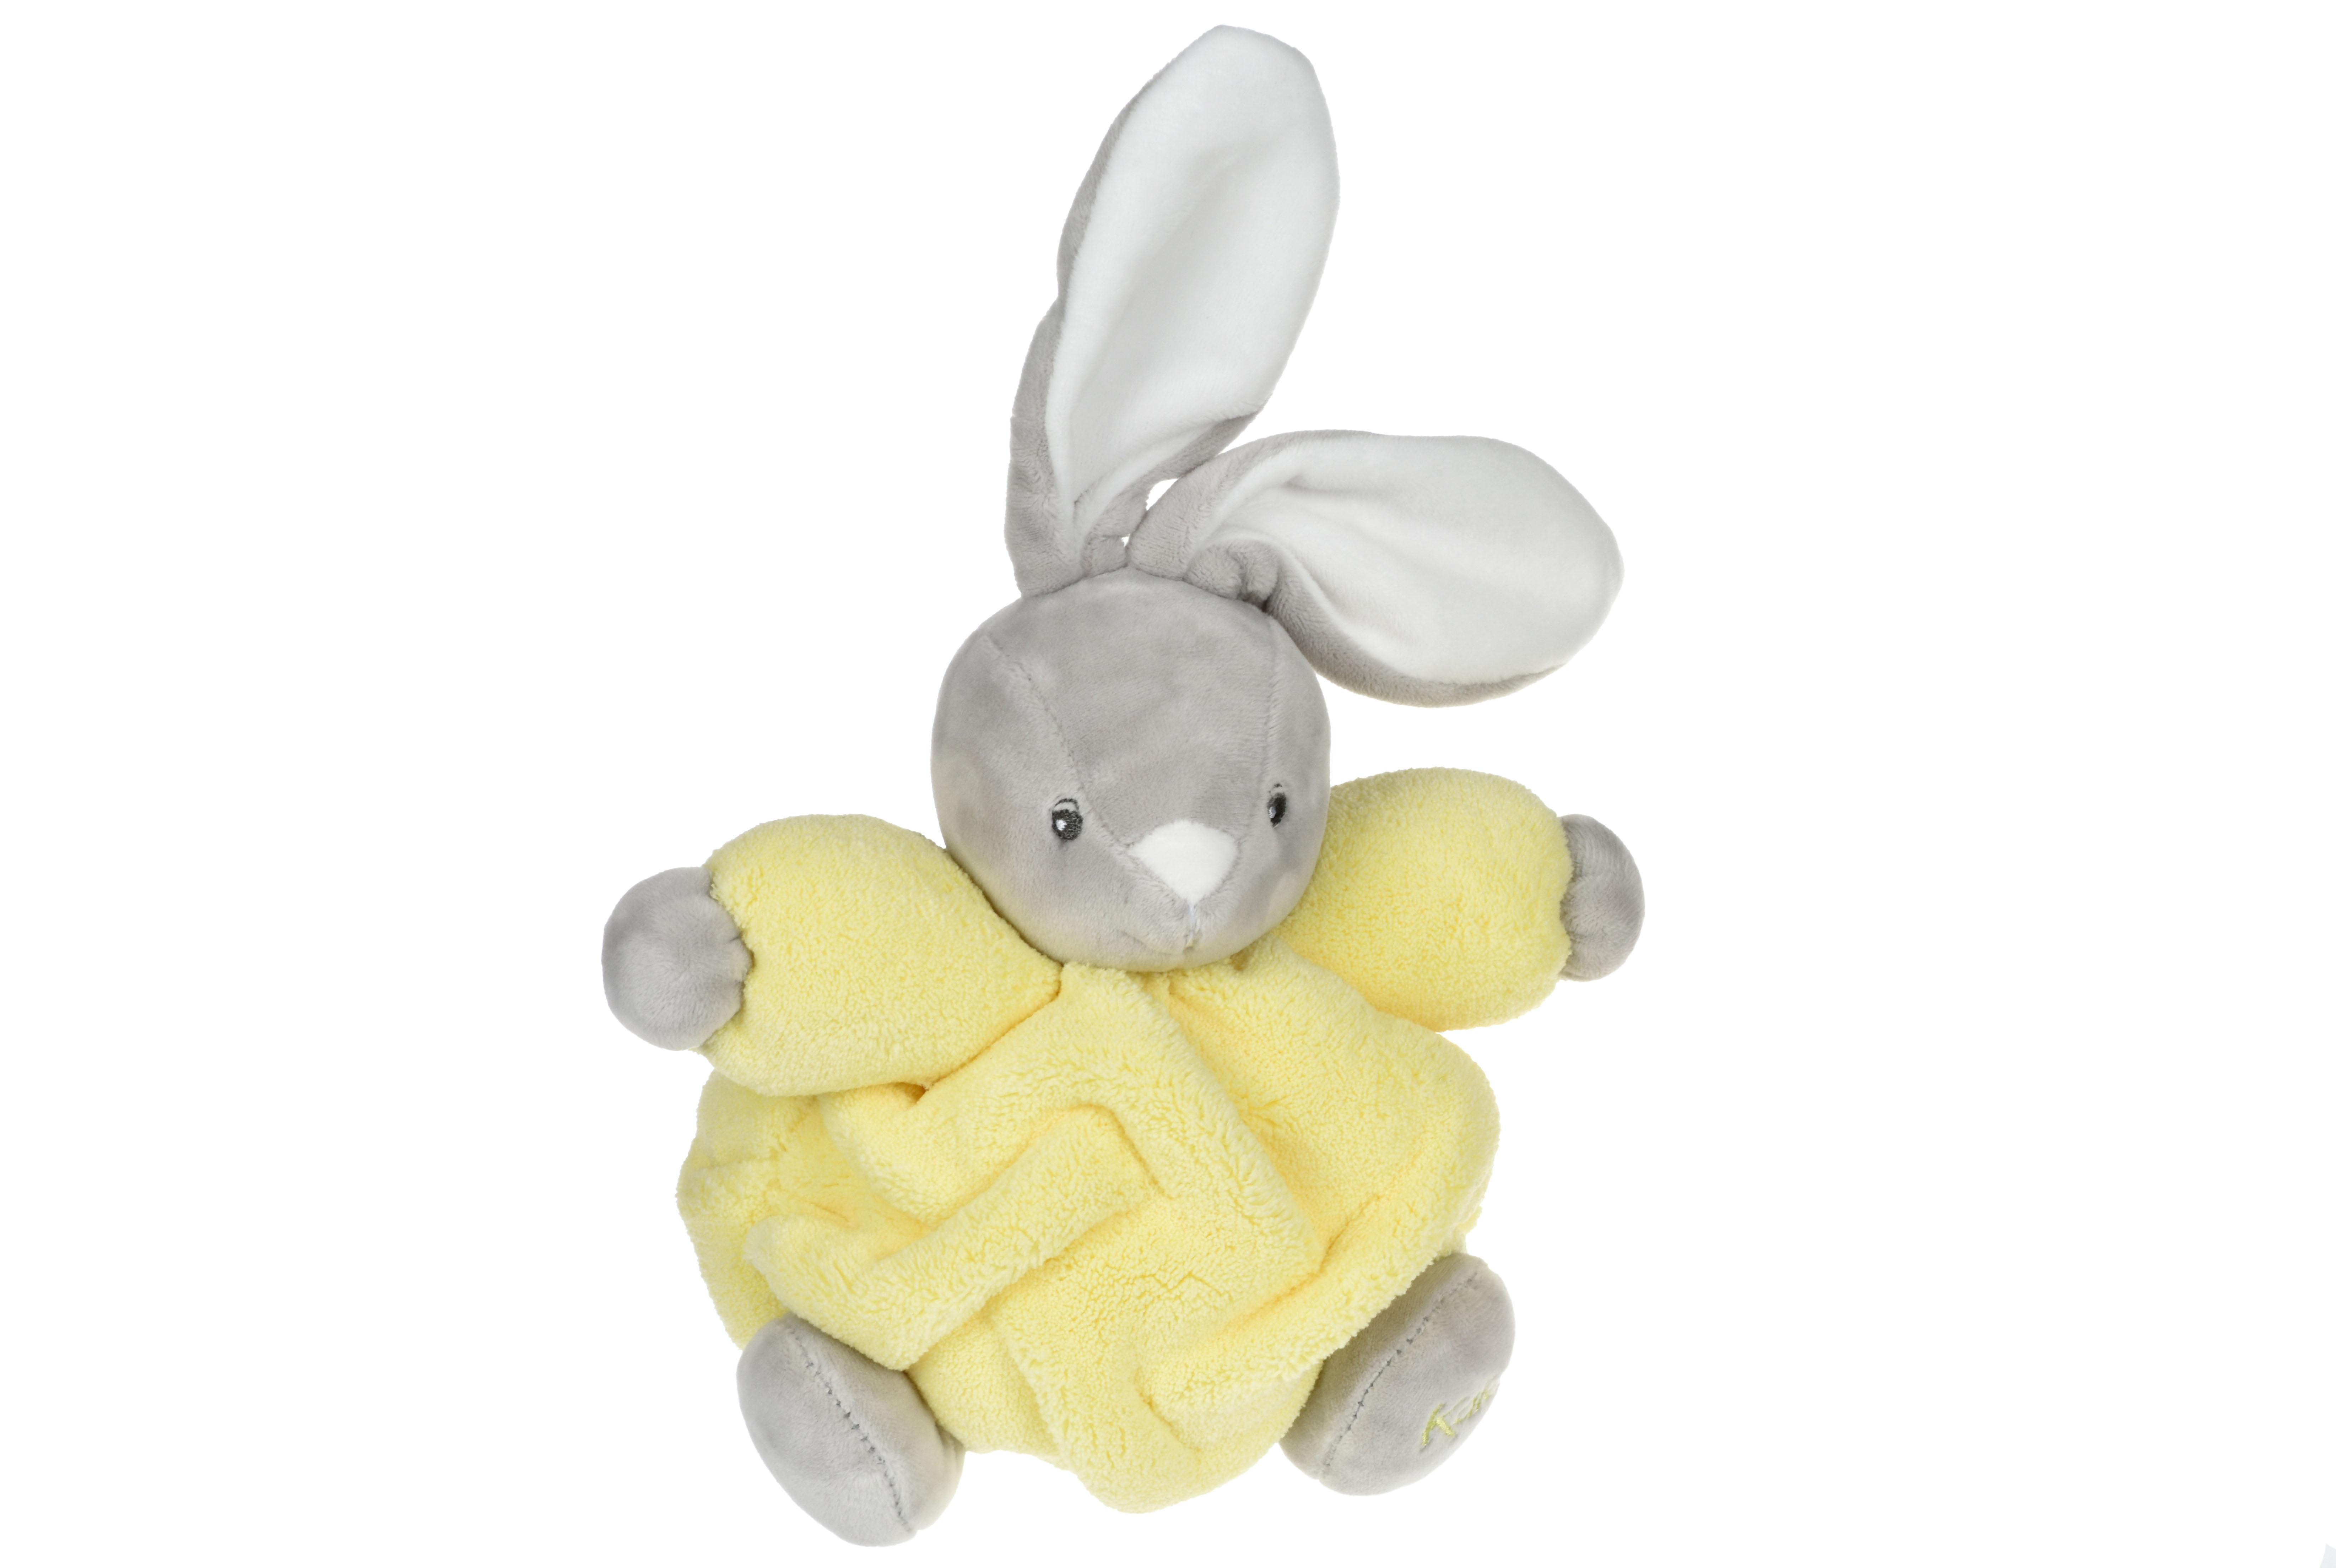 Kaloo Neon Кролик жовтий (18.5 см) в коробці